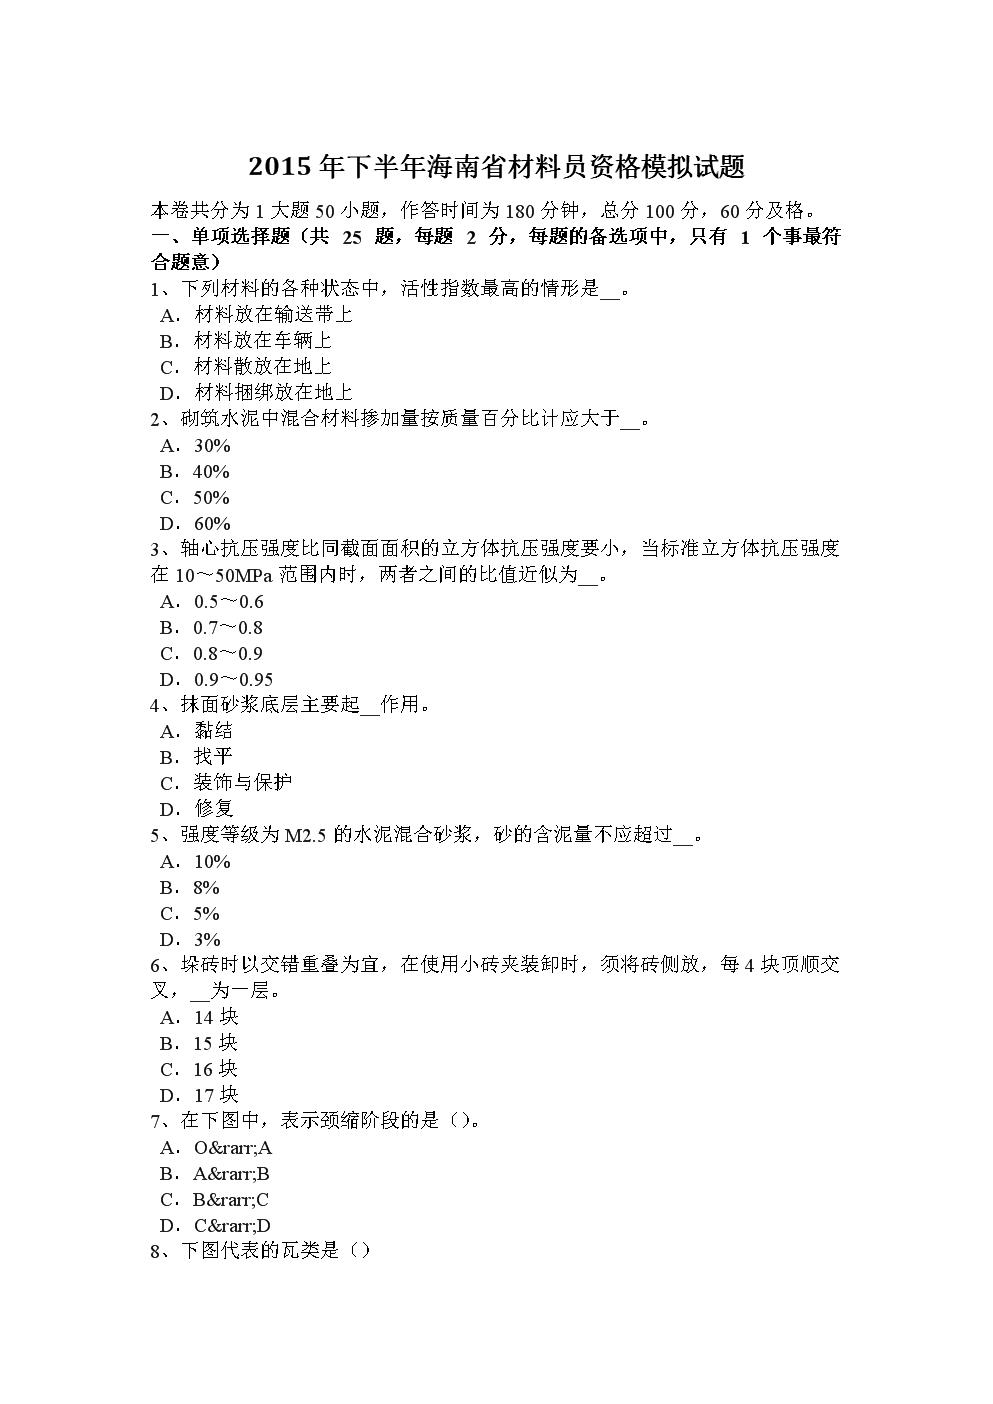 2015年下半年海南省材料员资格模拟练习题.docx